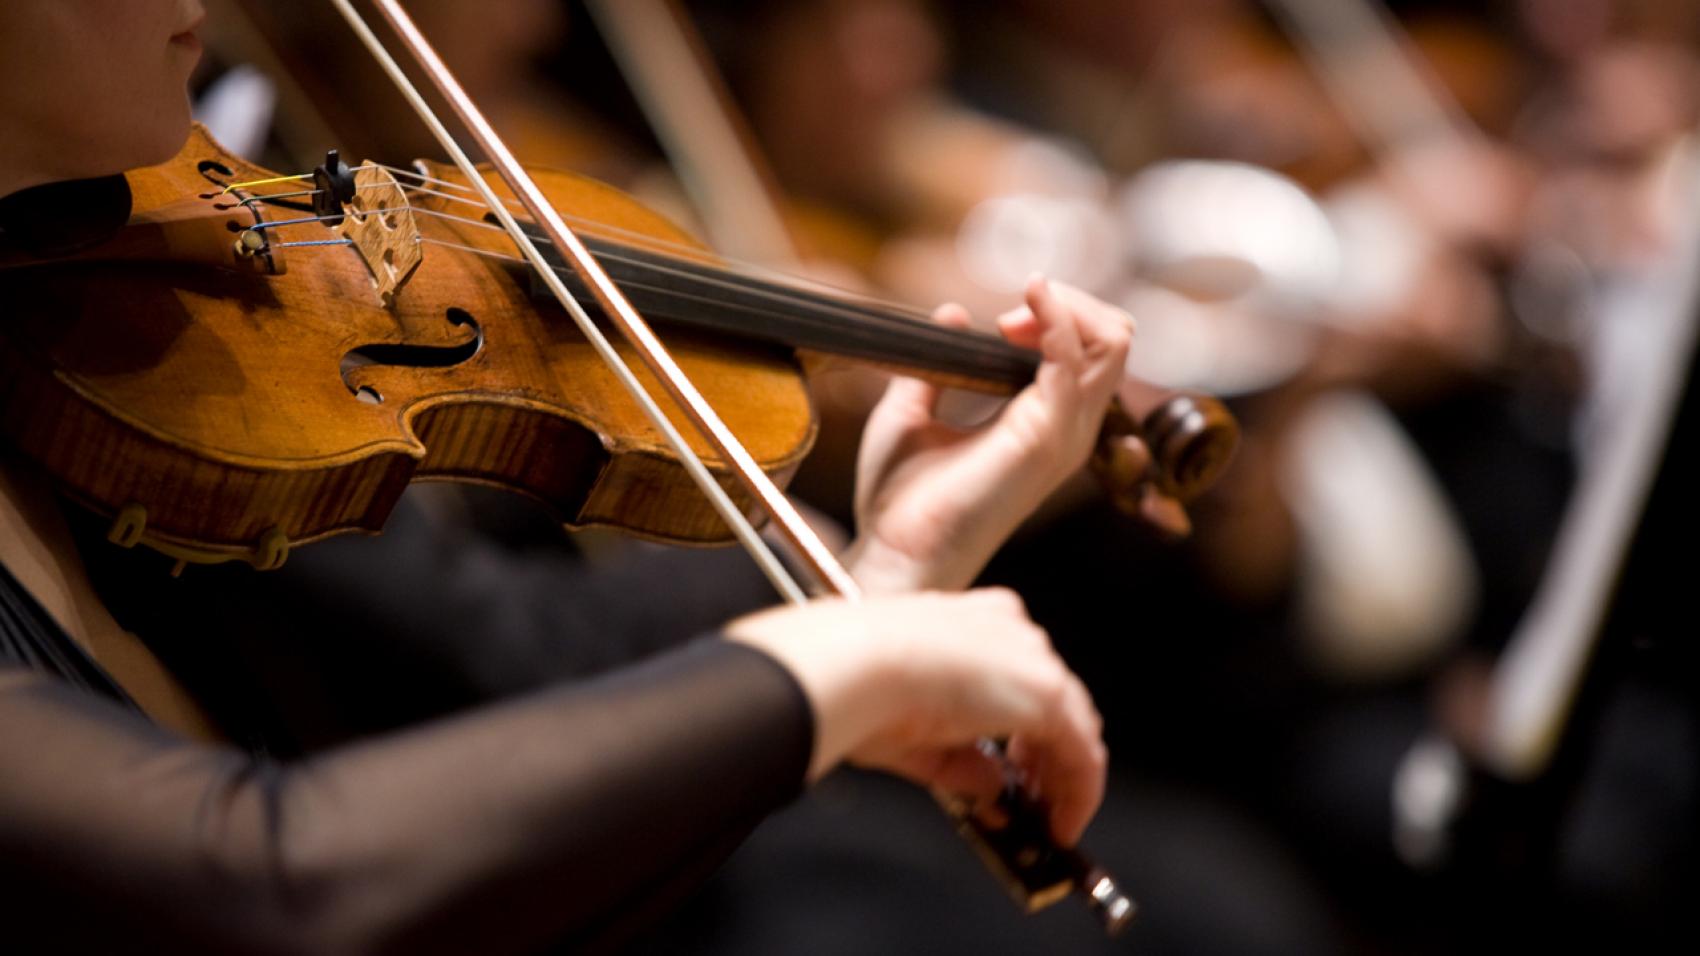 Tweede concertmeester (3e / 4e stoel, 100%) - NedPhO